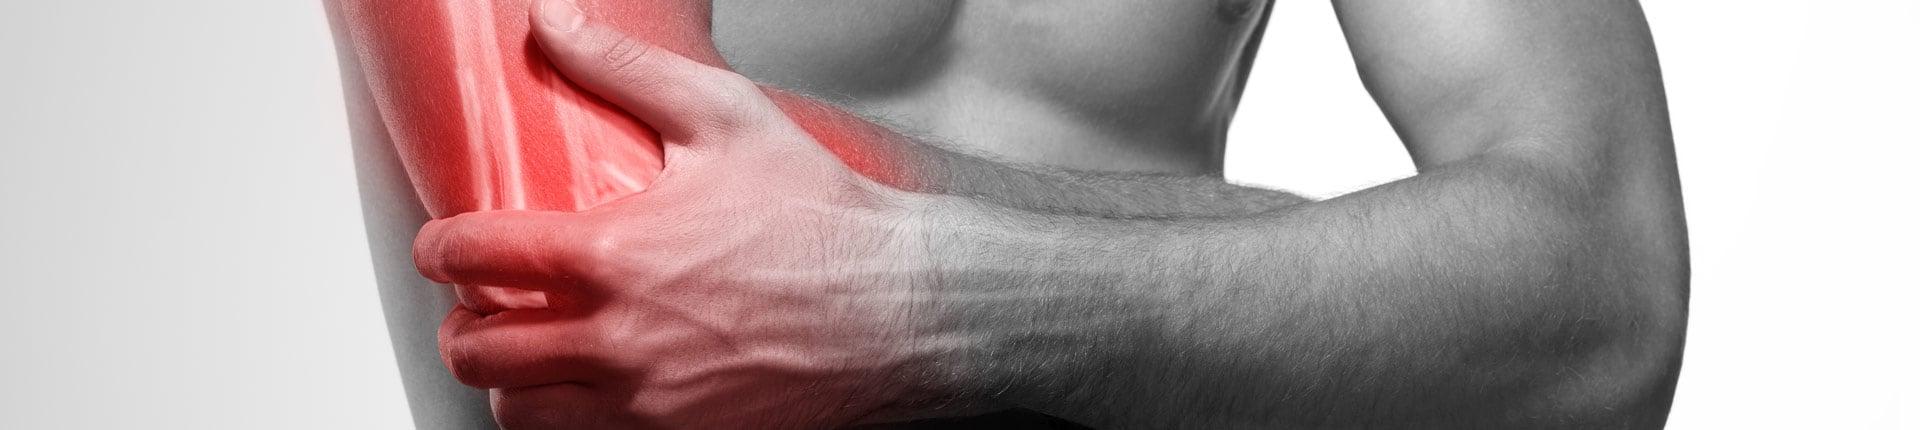 Bolą cię stawy? Poznaj 7 pokarmów dla Twoich stawów